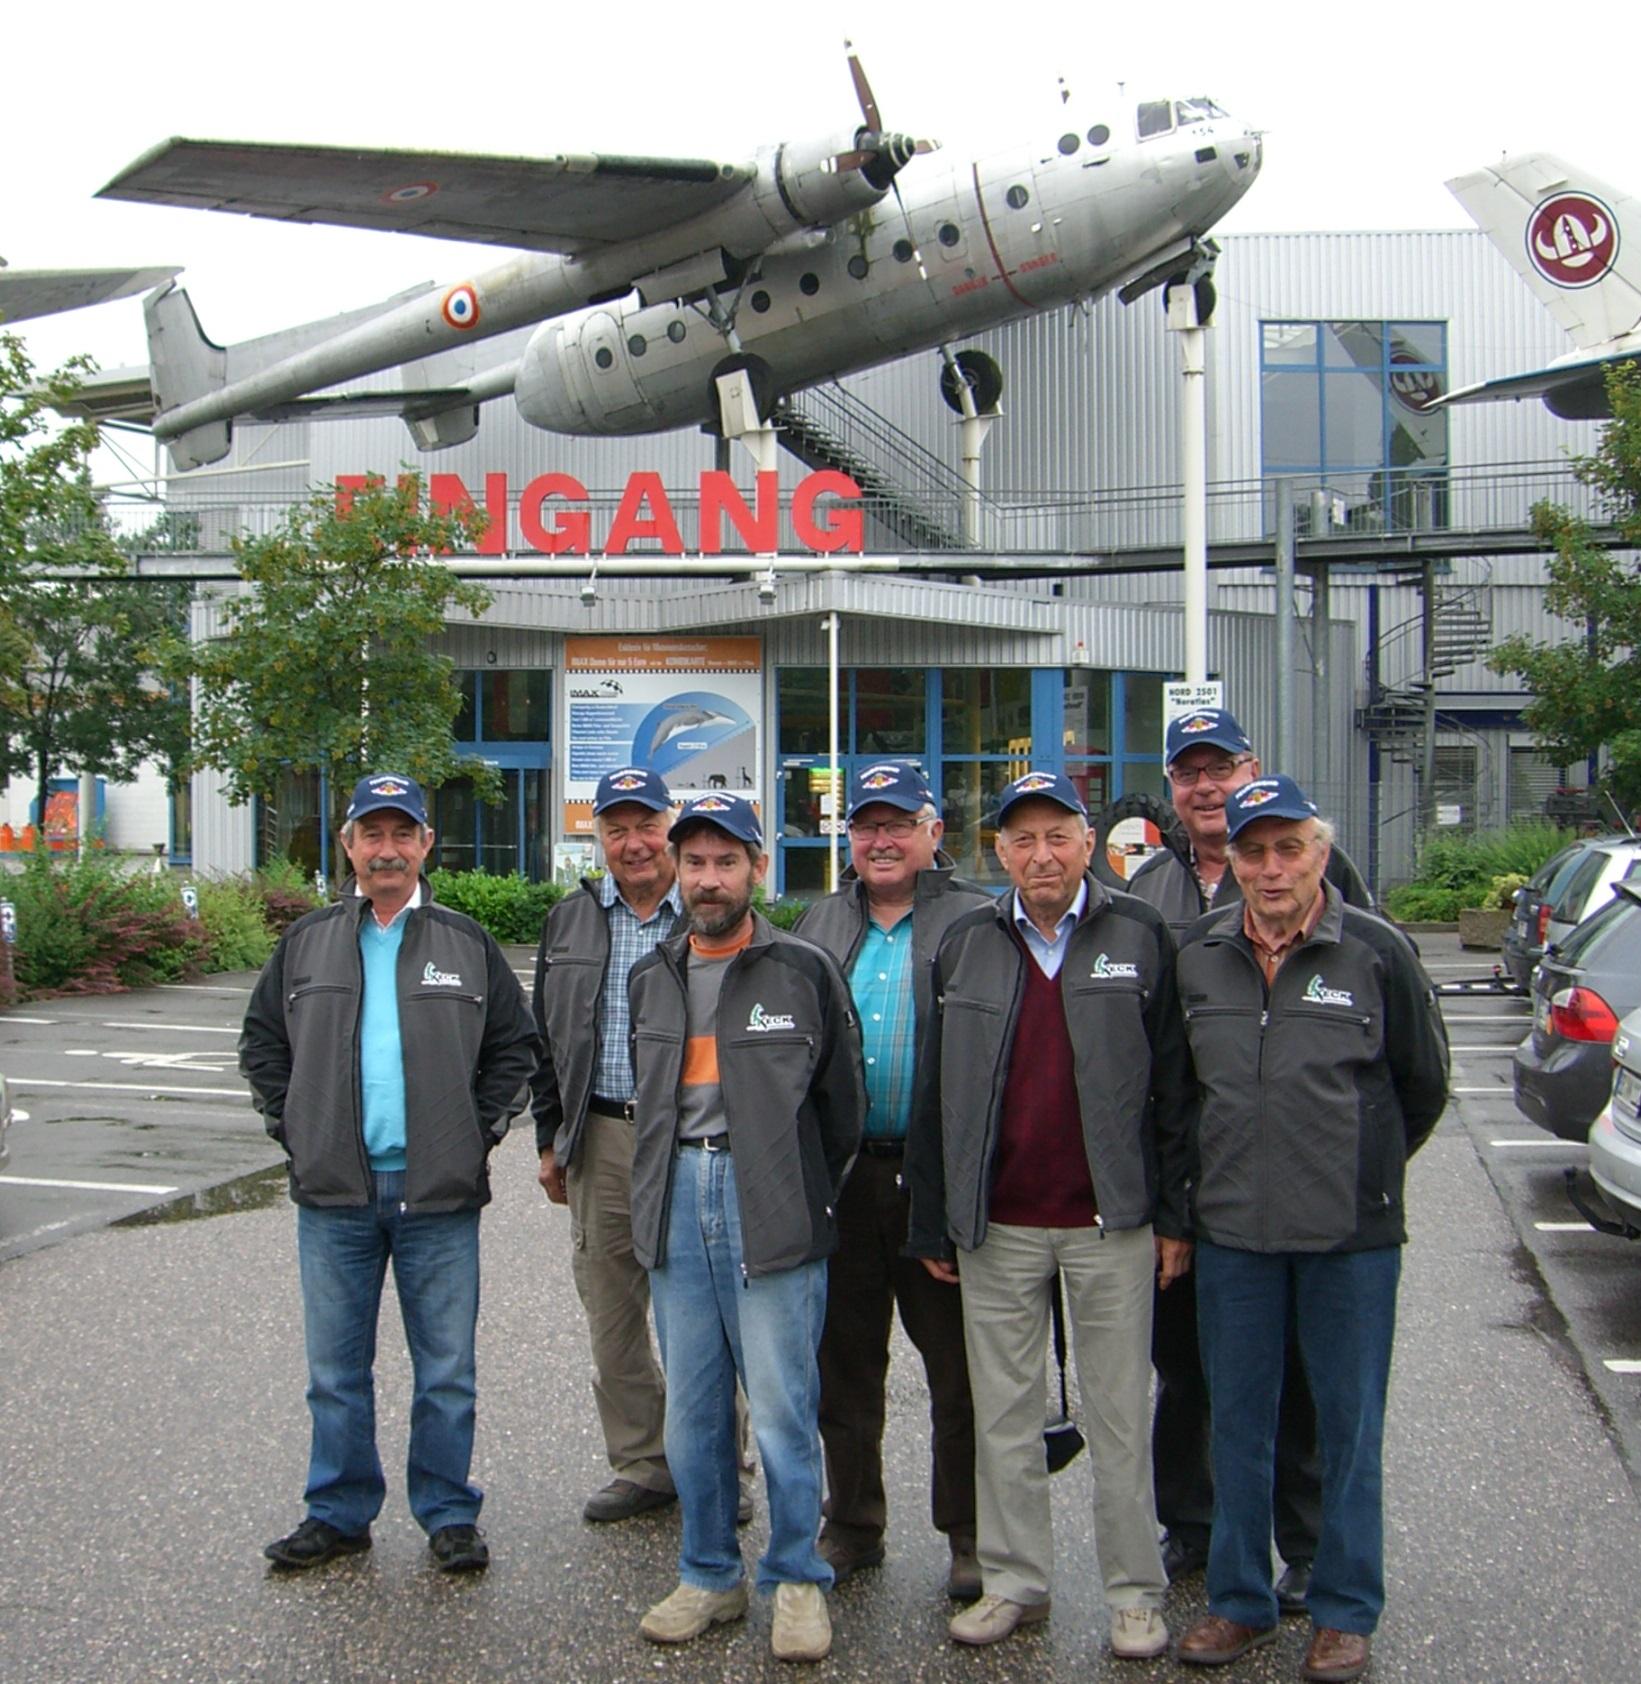 Bild Besuch Altersabteilung Tonbach im Technikmuseum in Speyer